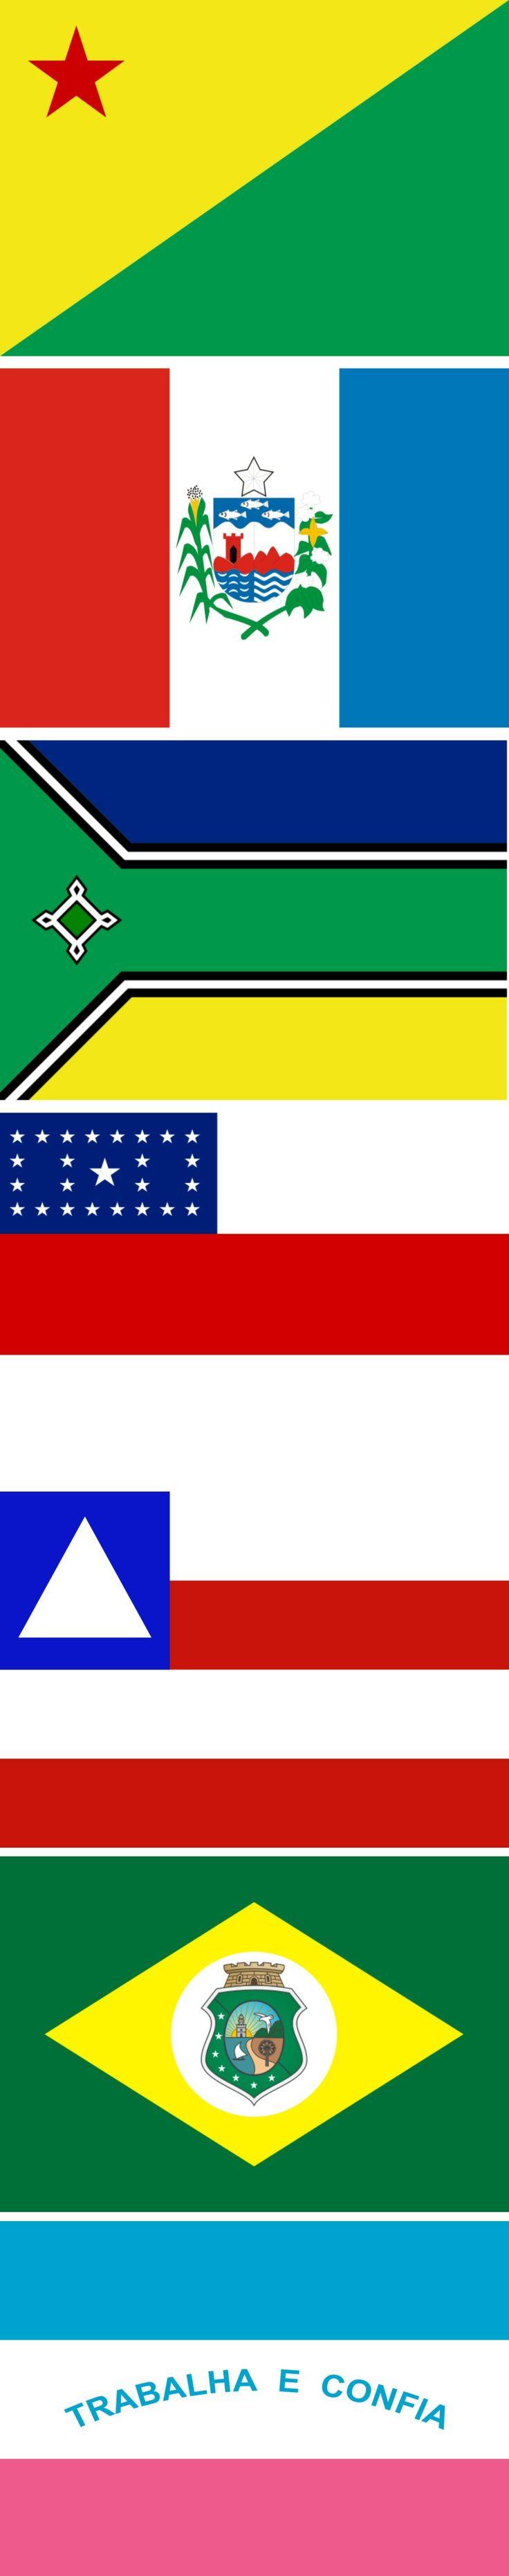 Flags of the states of Brazil: ACRE-ALAGOAS-AMAPÁ-AMAZONAS-BAHIA-CEARÁ-ESPÍRITO SANTO